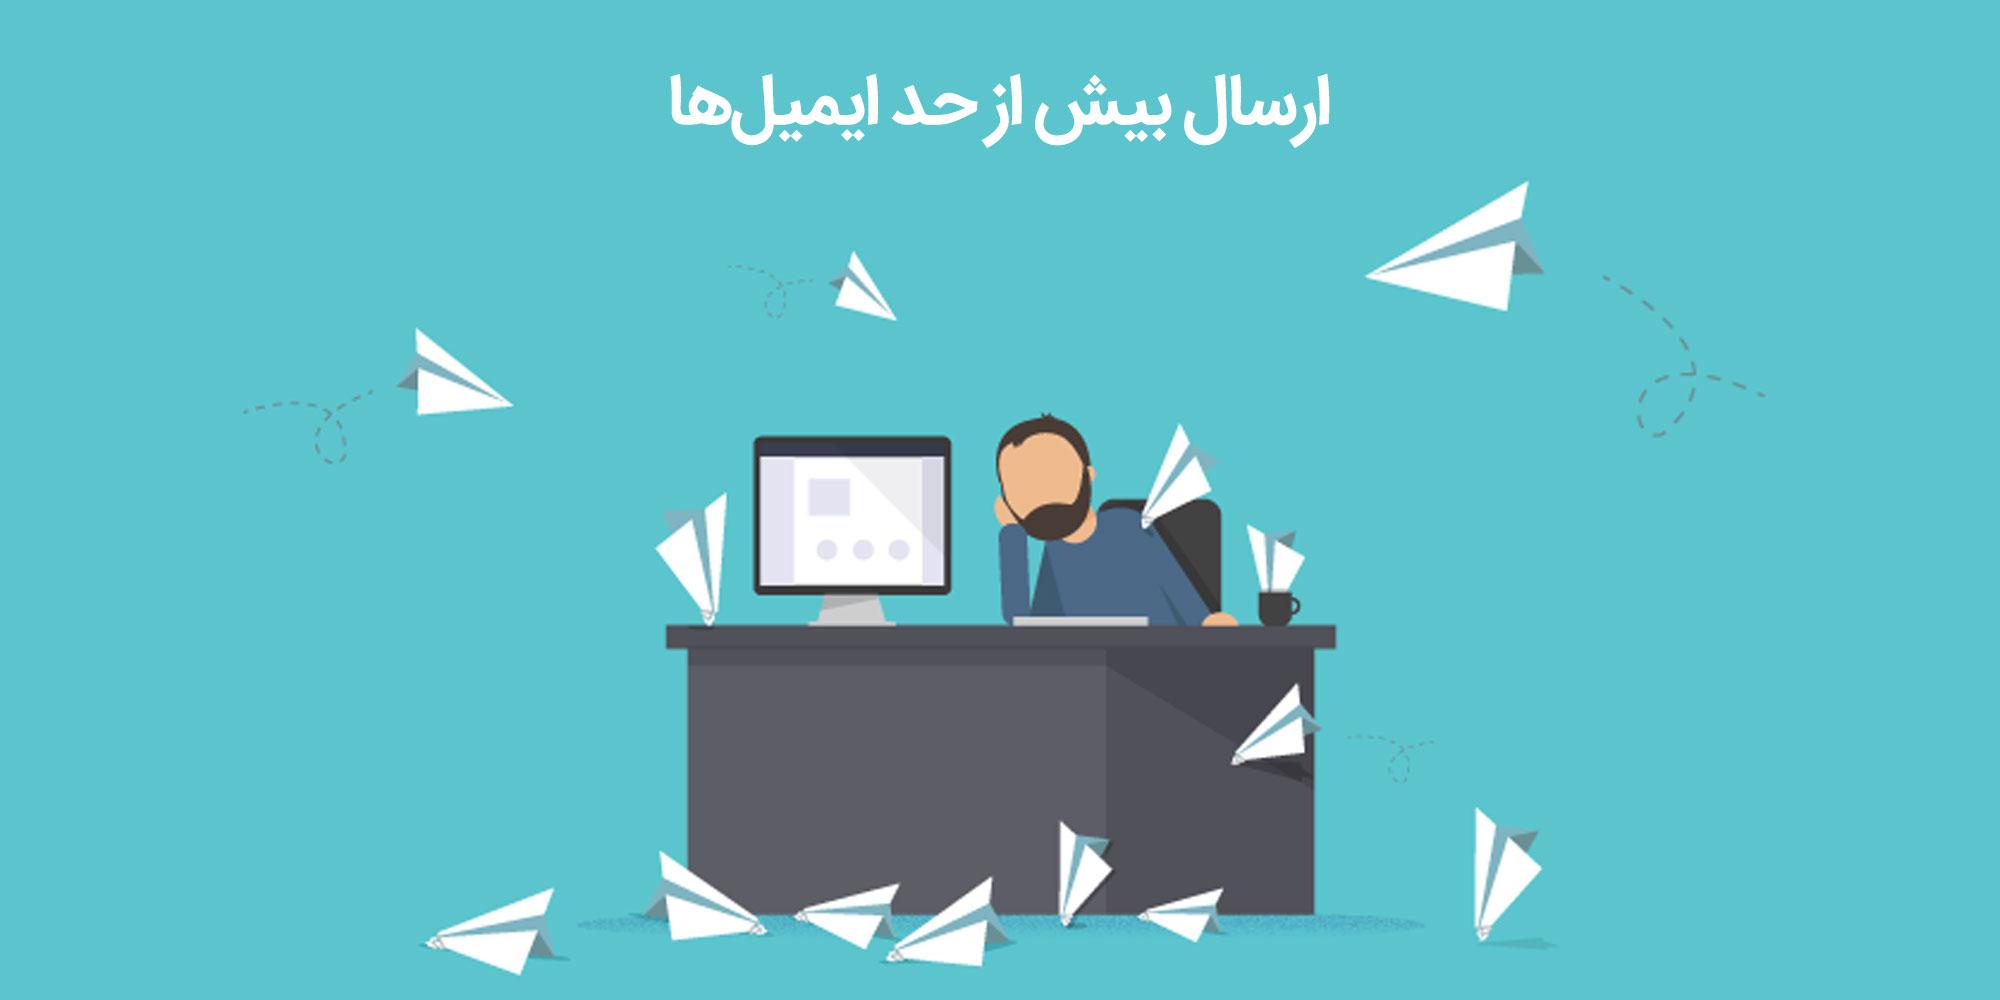 ارسال بش از حد ایمیل - فرکانس ایمیل و اهمیت بررسی آمار - جلسه 5 ایمیل مارکتینگ